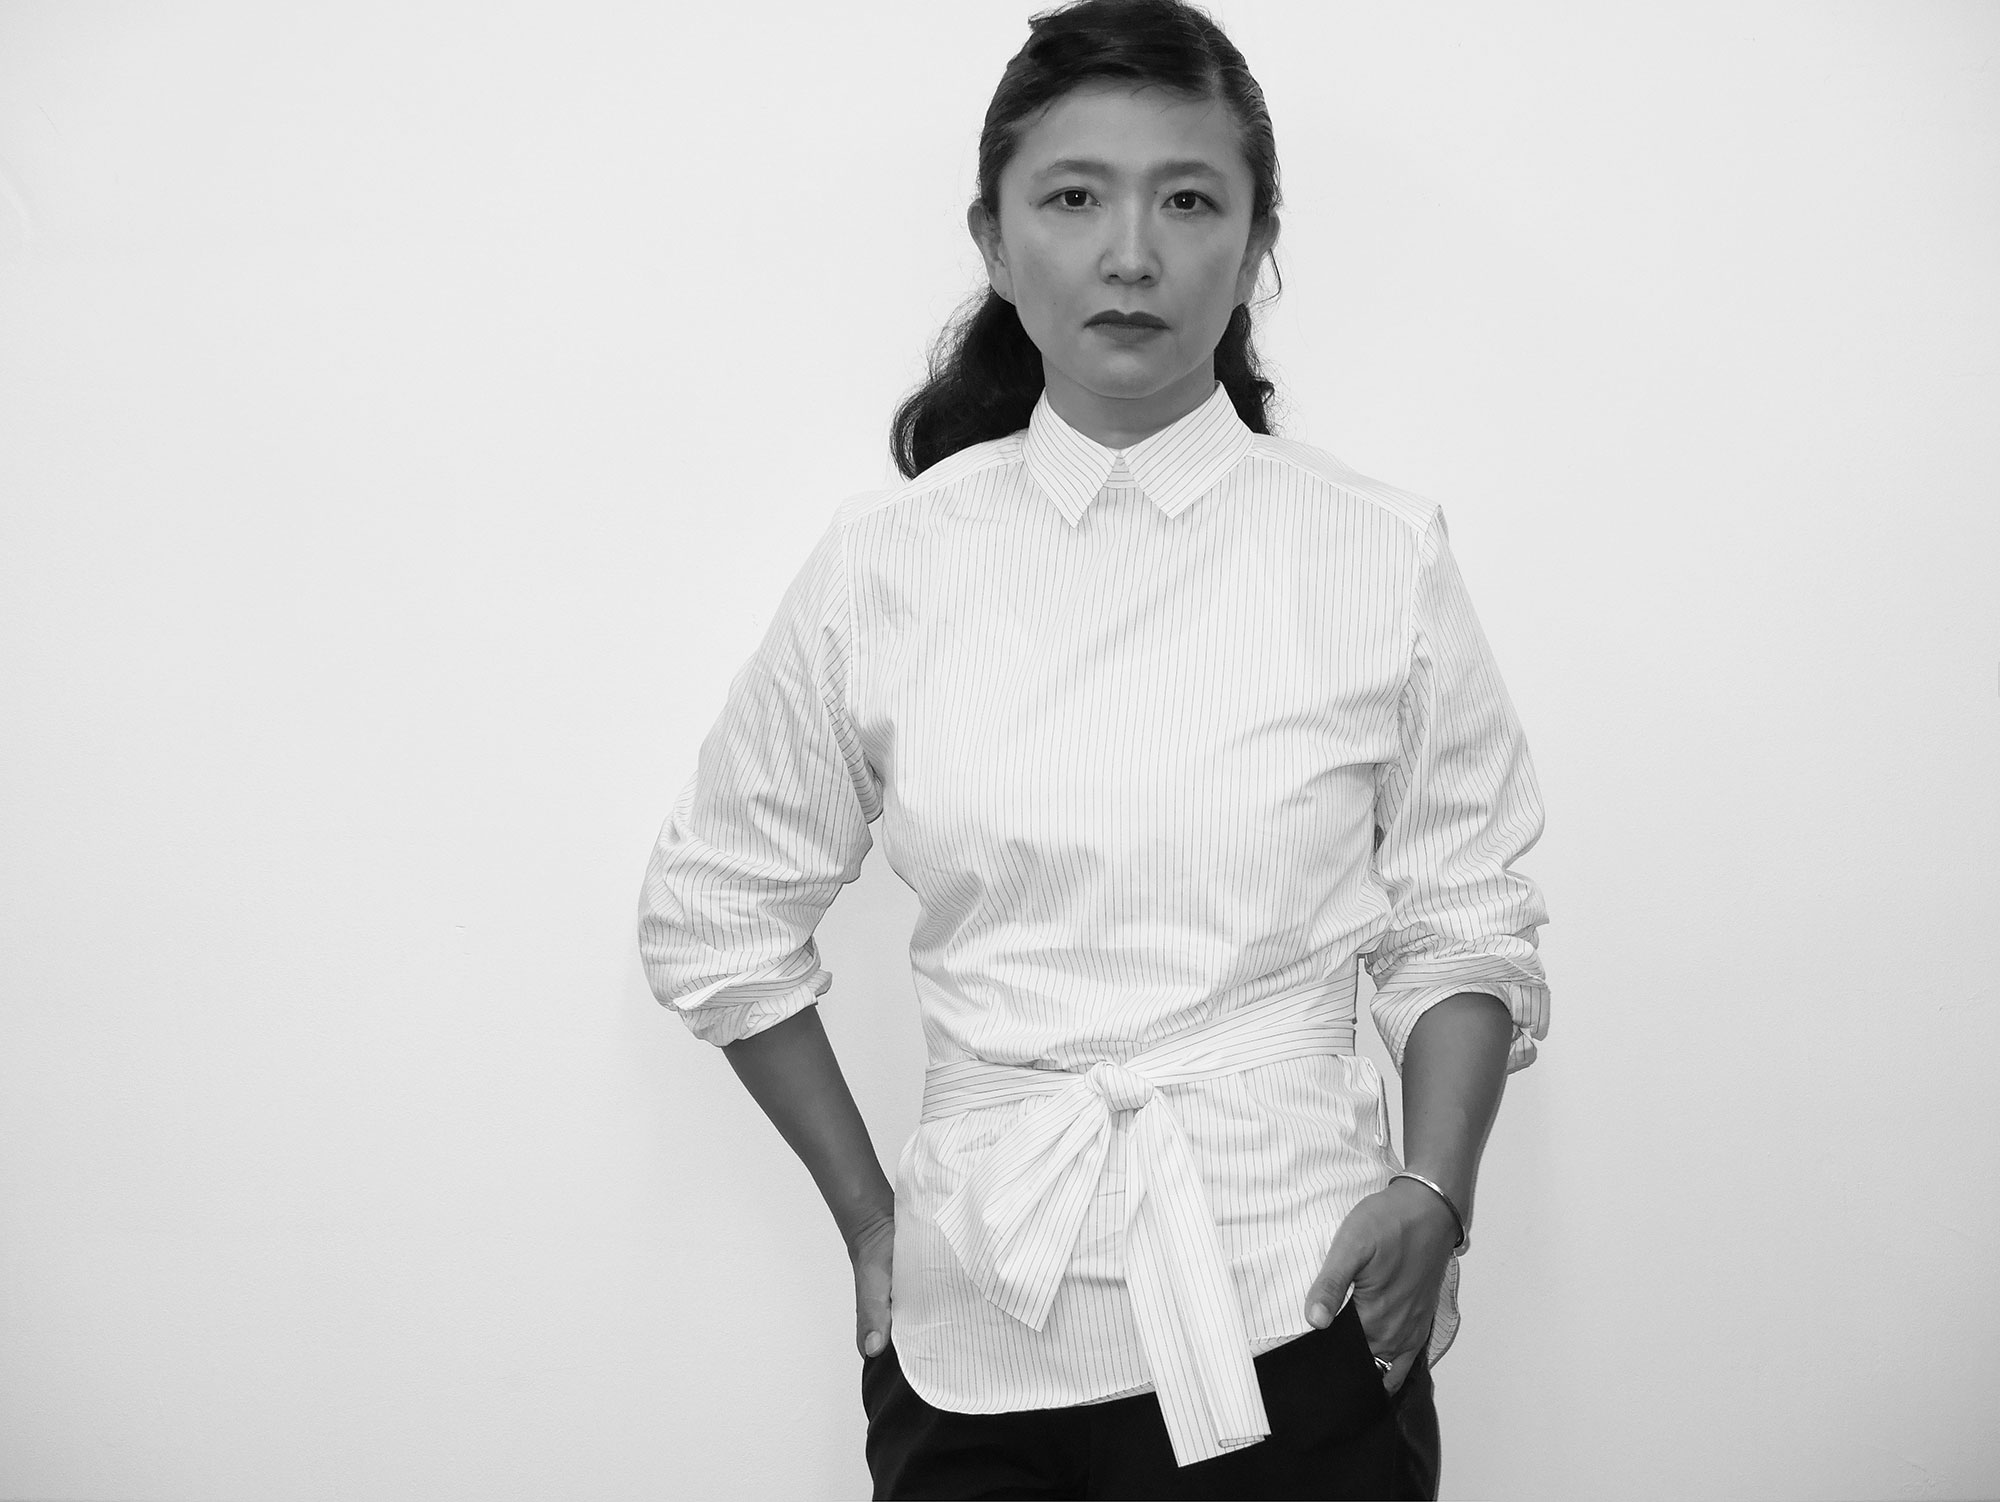 Photo by Chikashi Suzuki